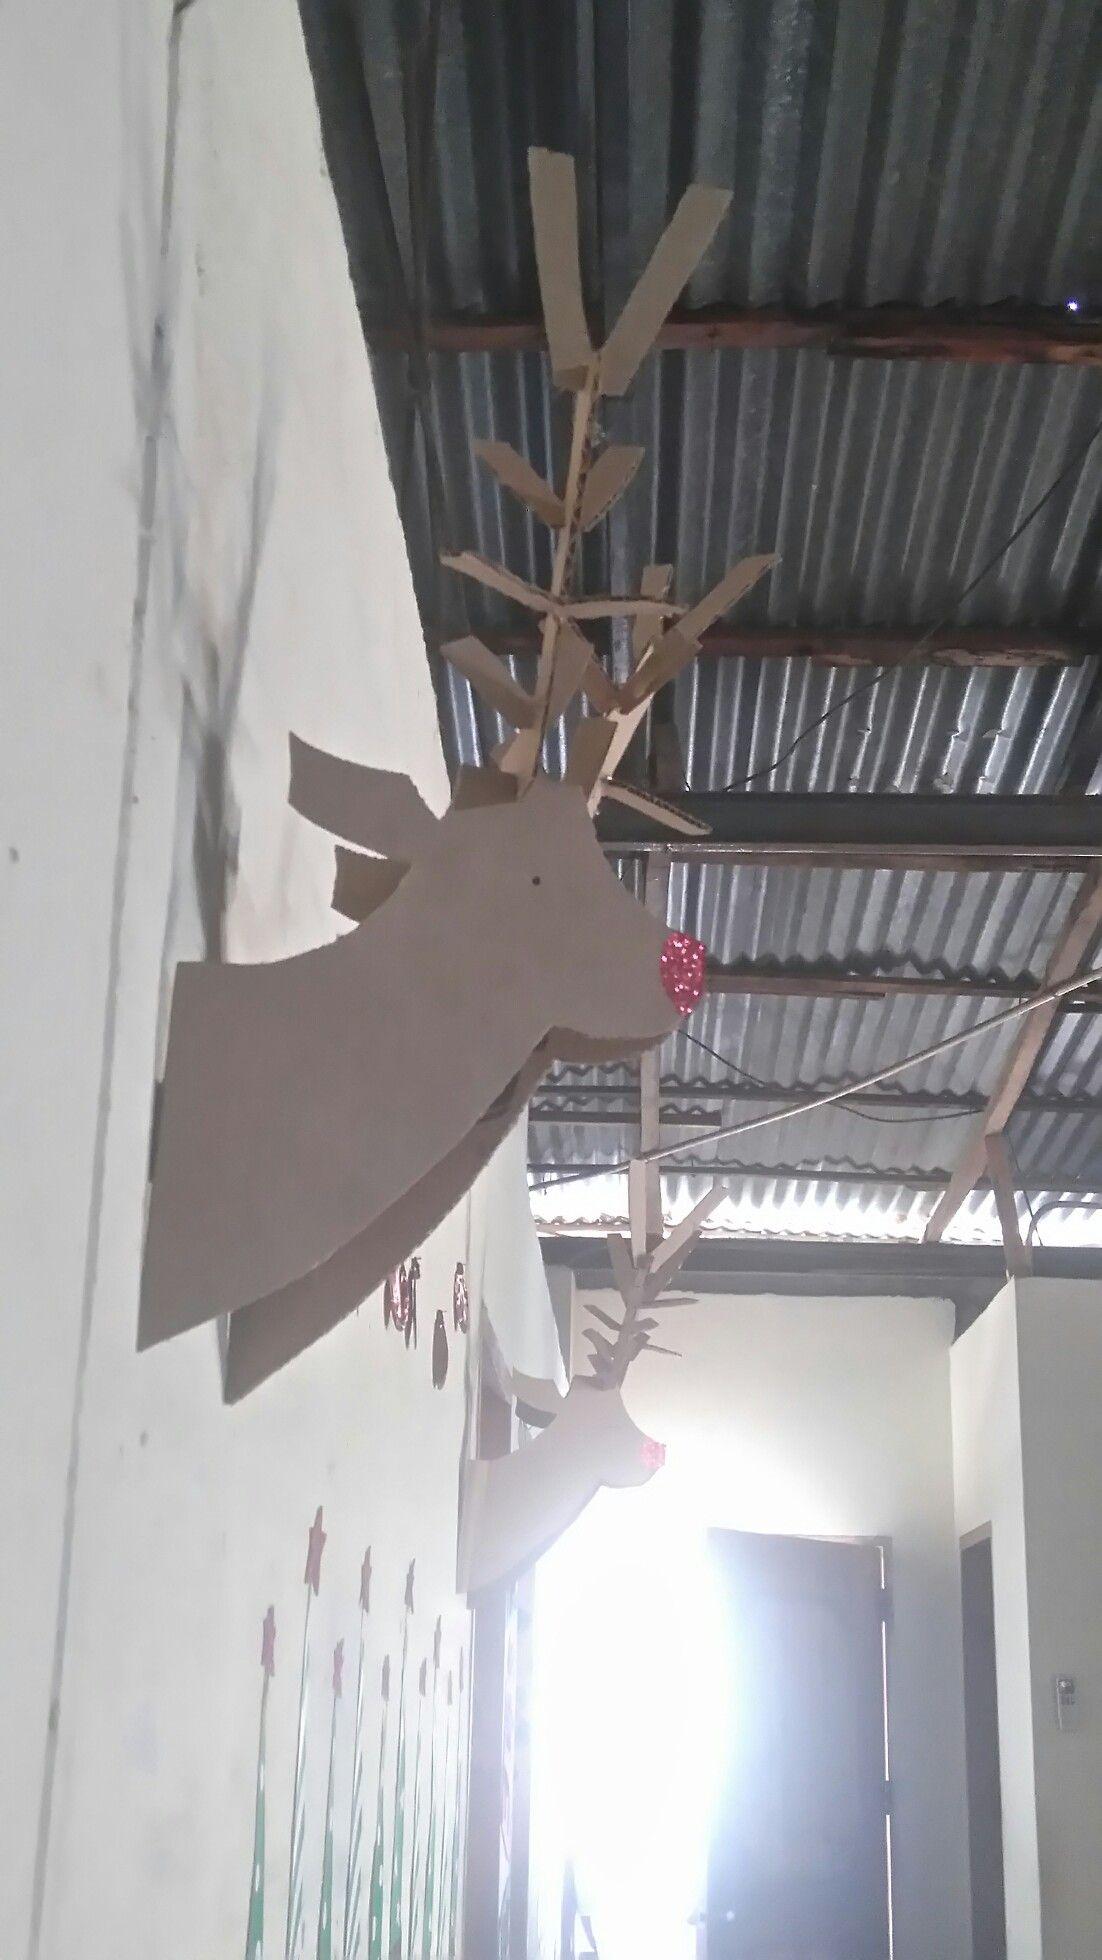 Diy adornos navideños.  Sencillo reno hecho de carton y decorado con escarcha